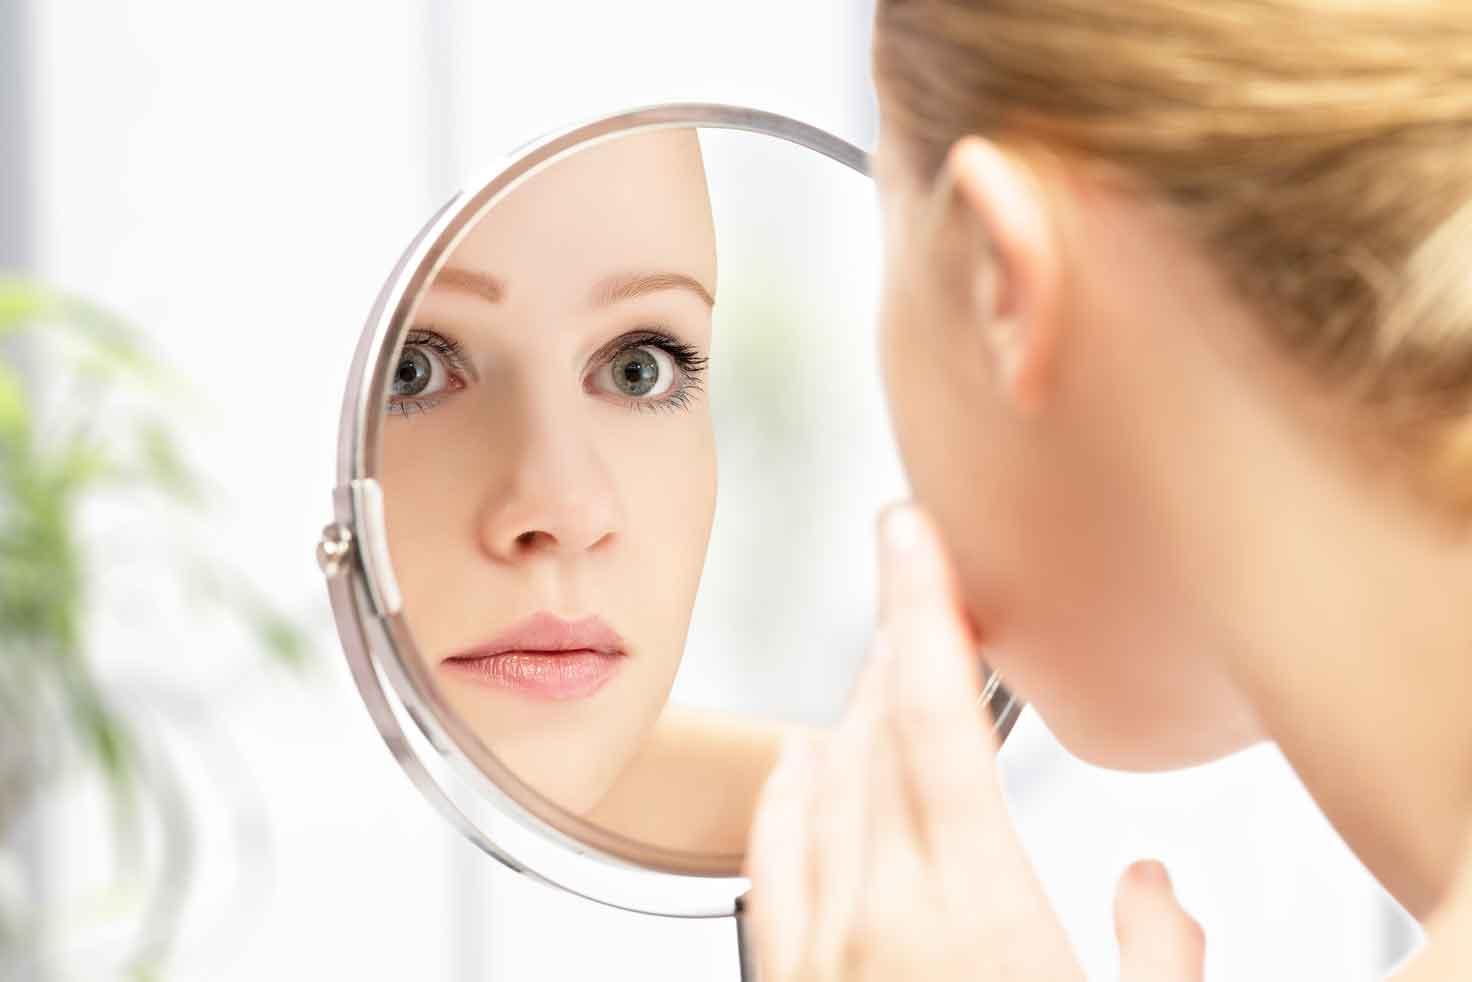 鏡で眼瞼下垂のセルフチェック